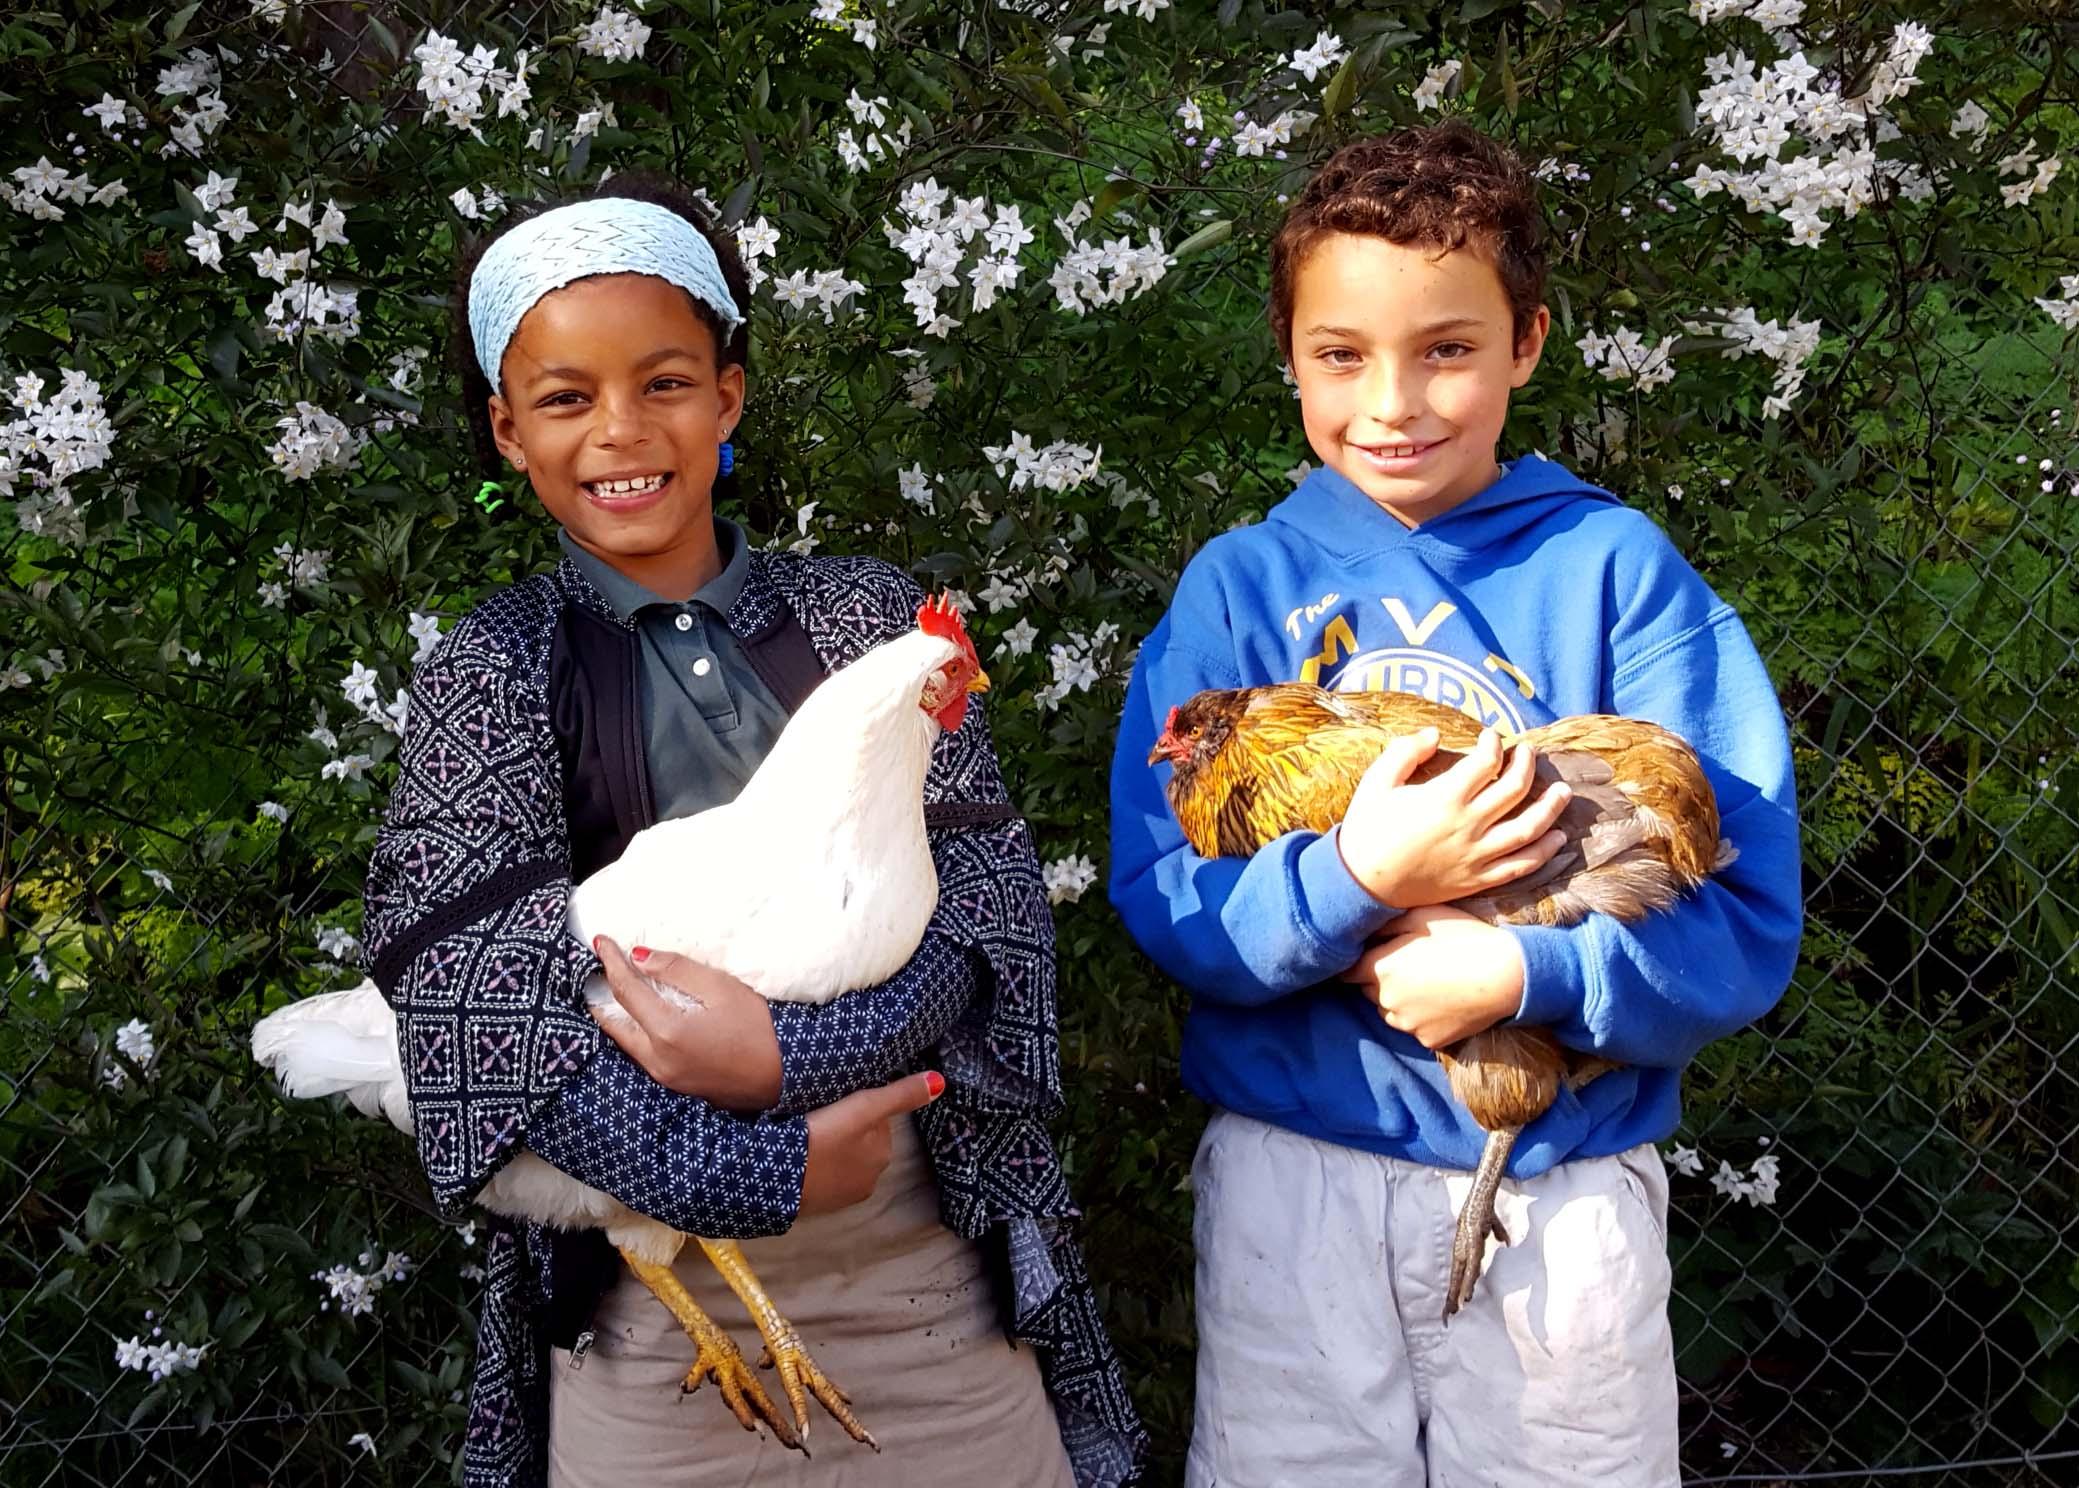 fridaygarden_chickens_sophie_dante_630x451